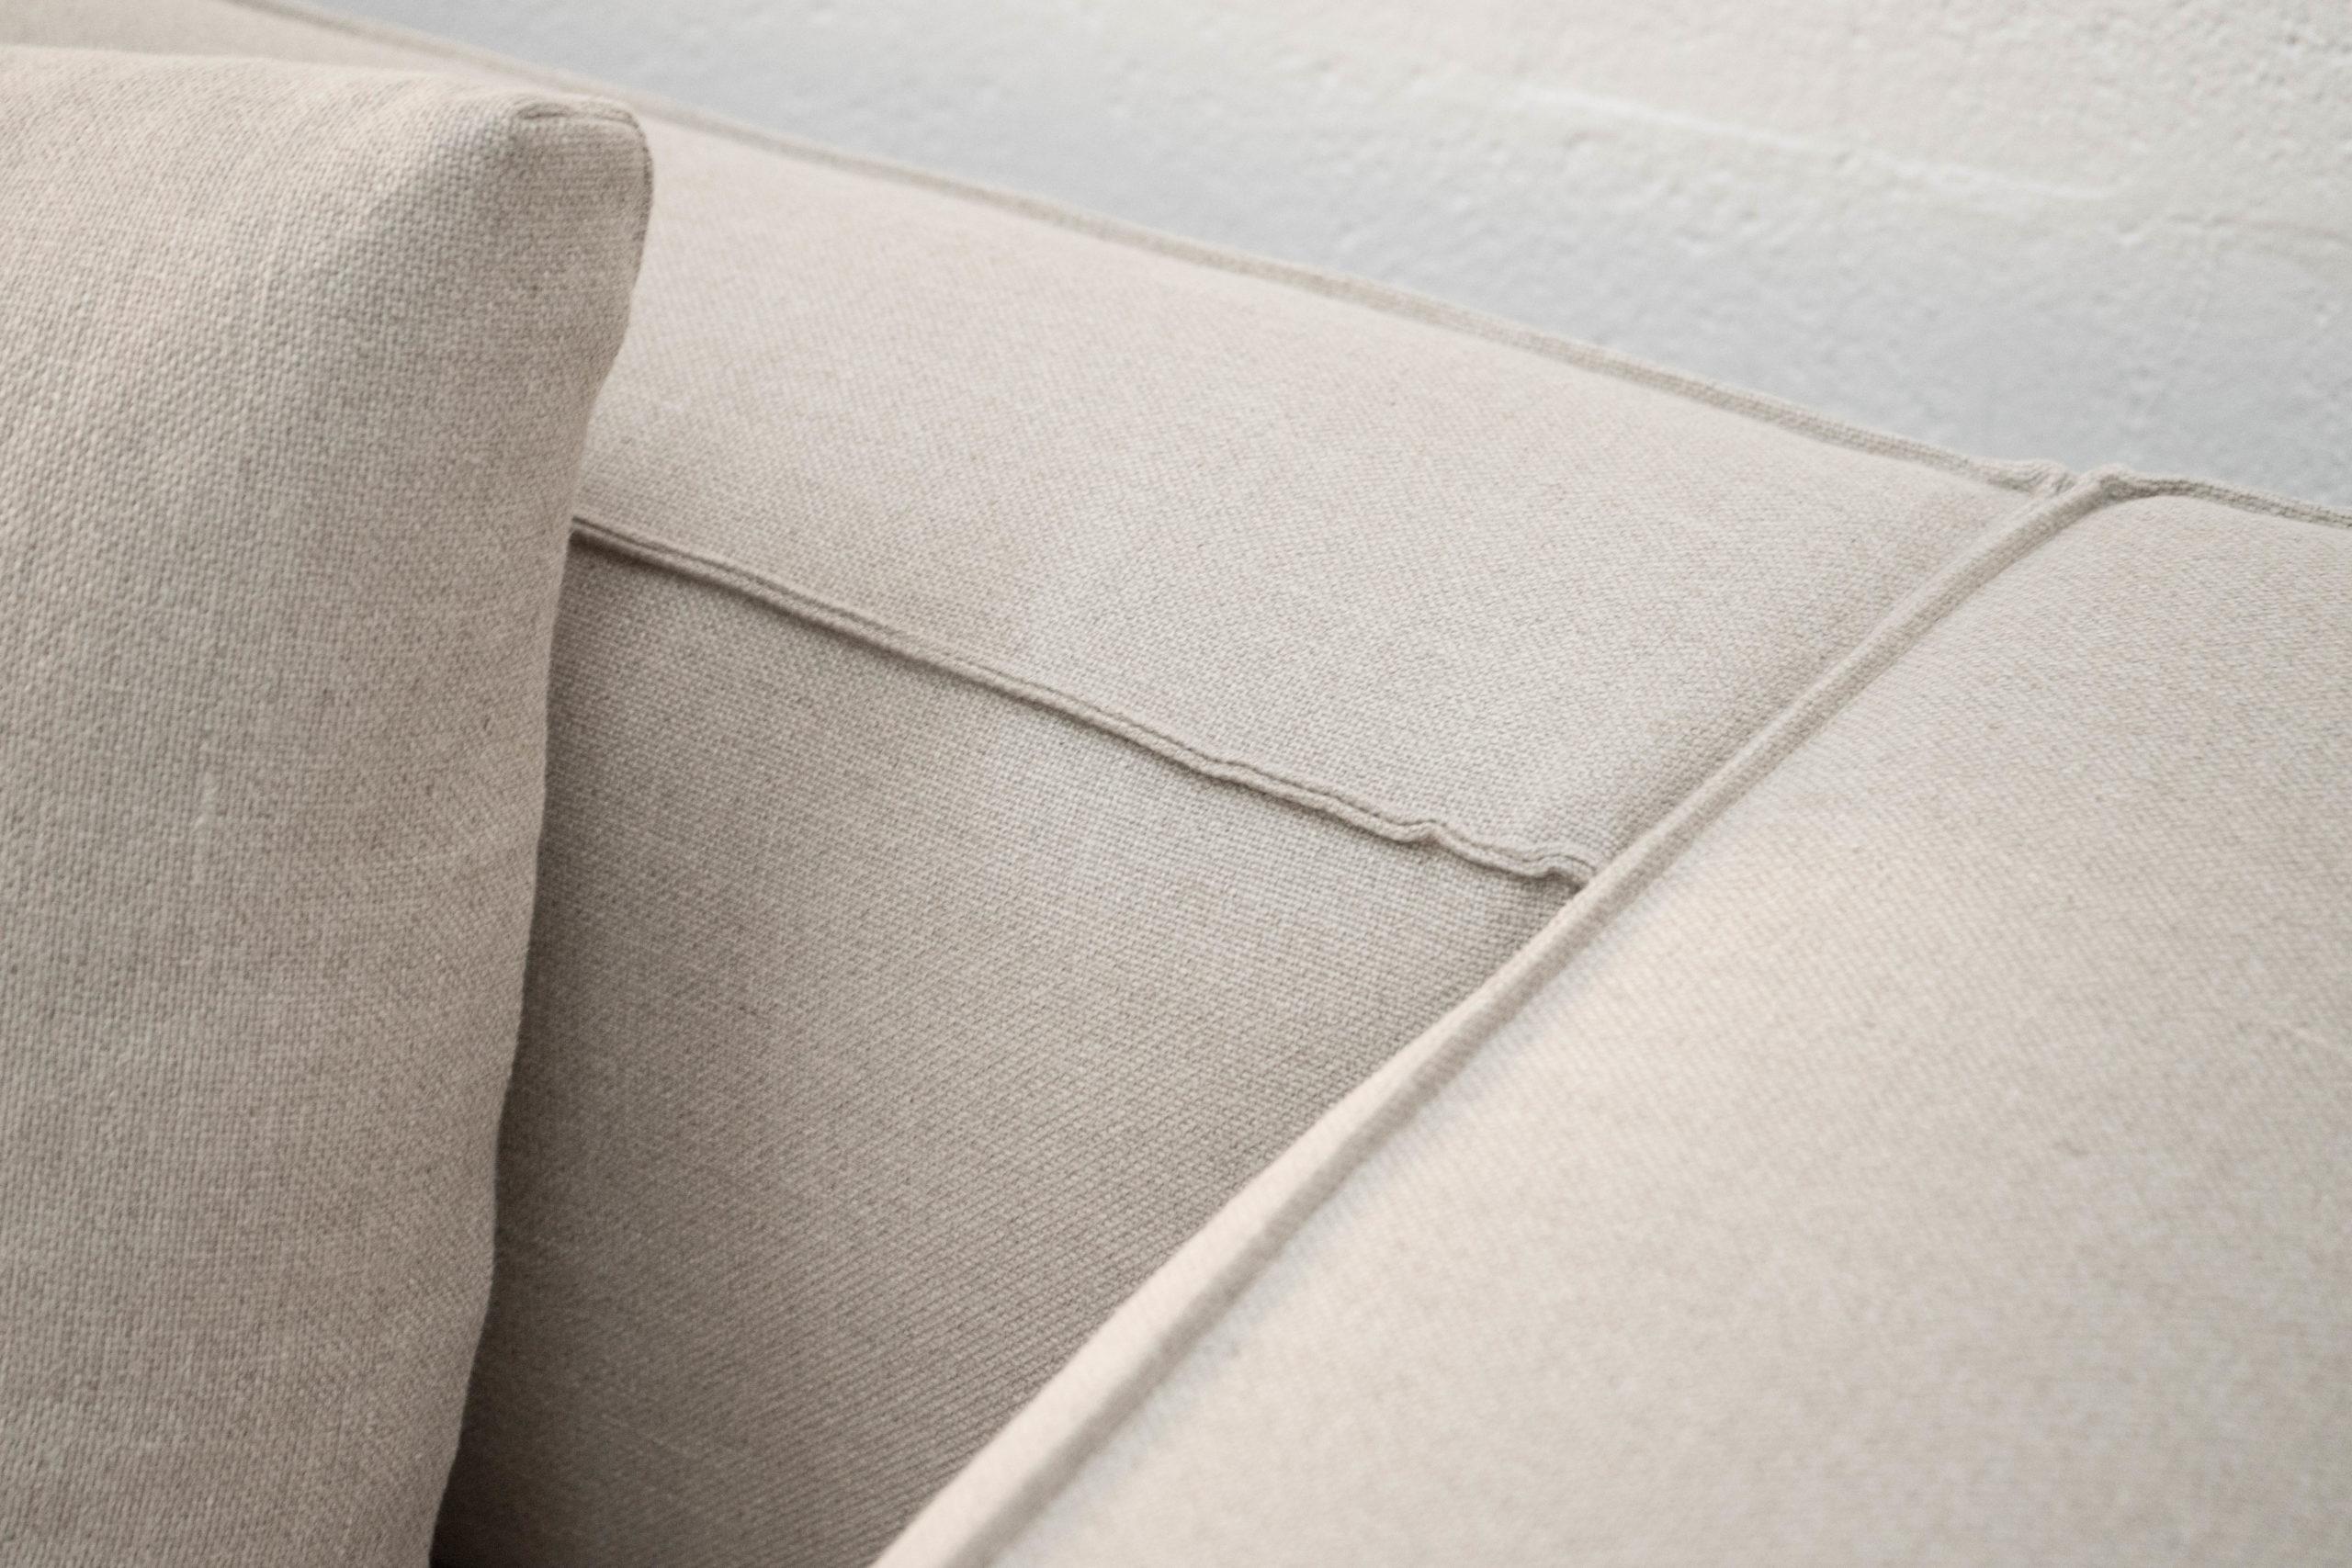 detalle de sofa tapizado bonito espacioso comodo